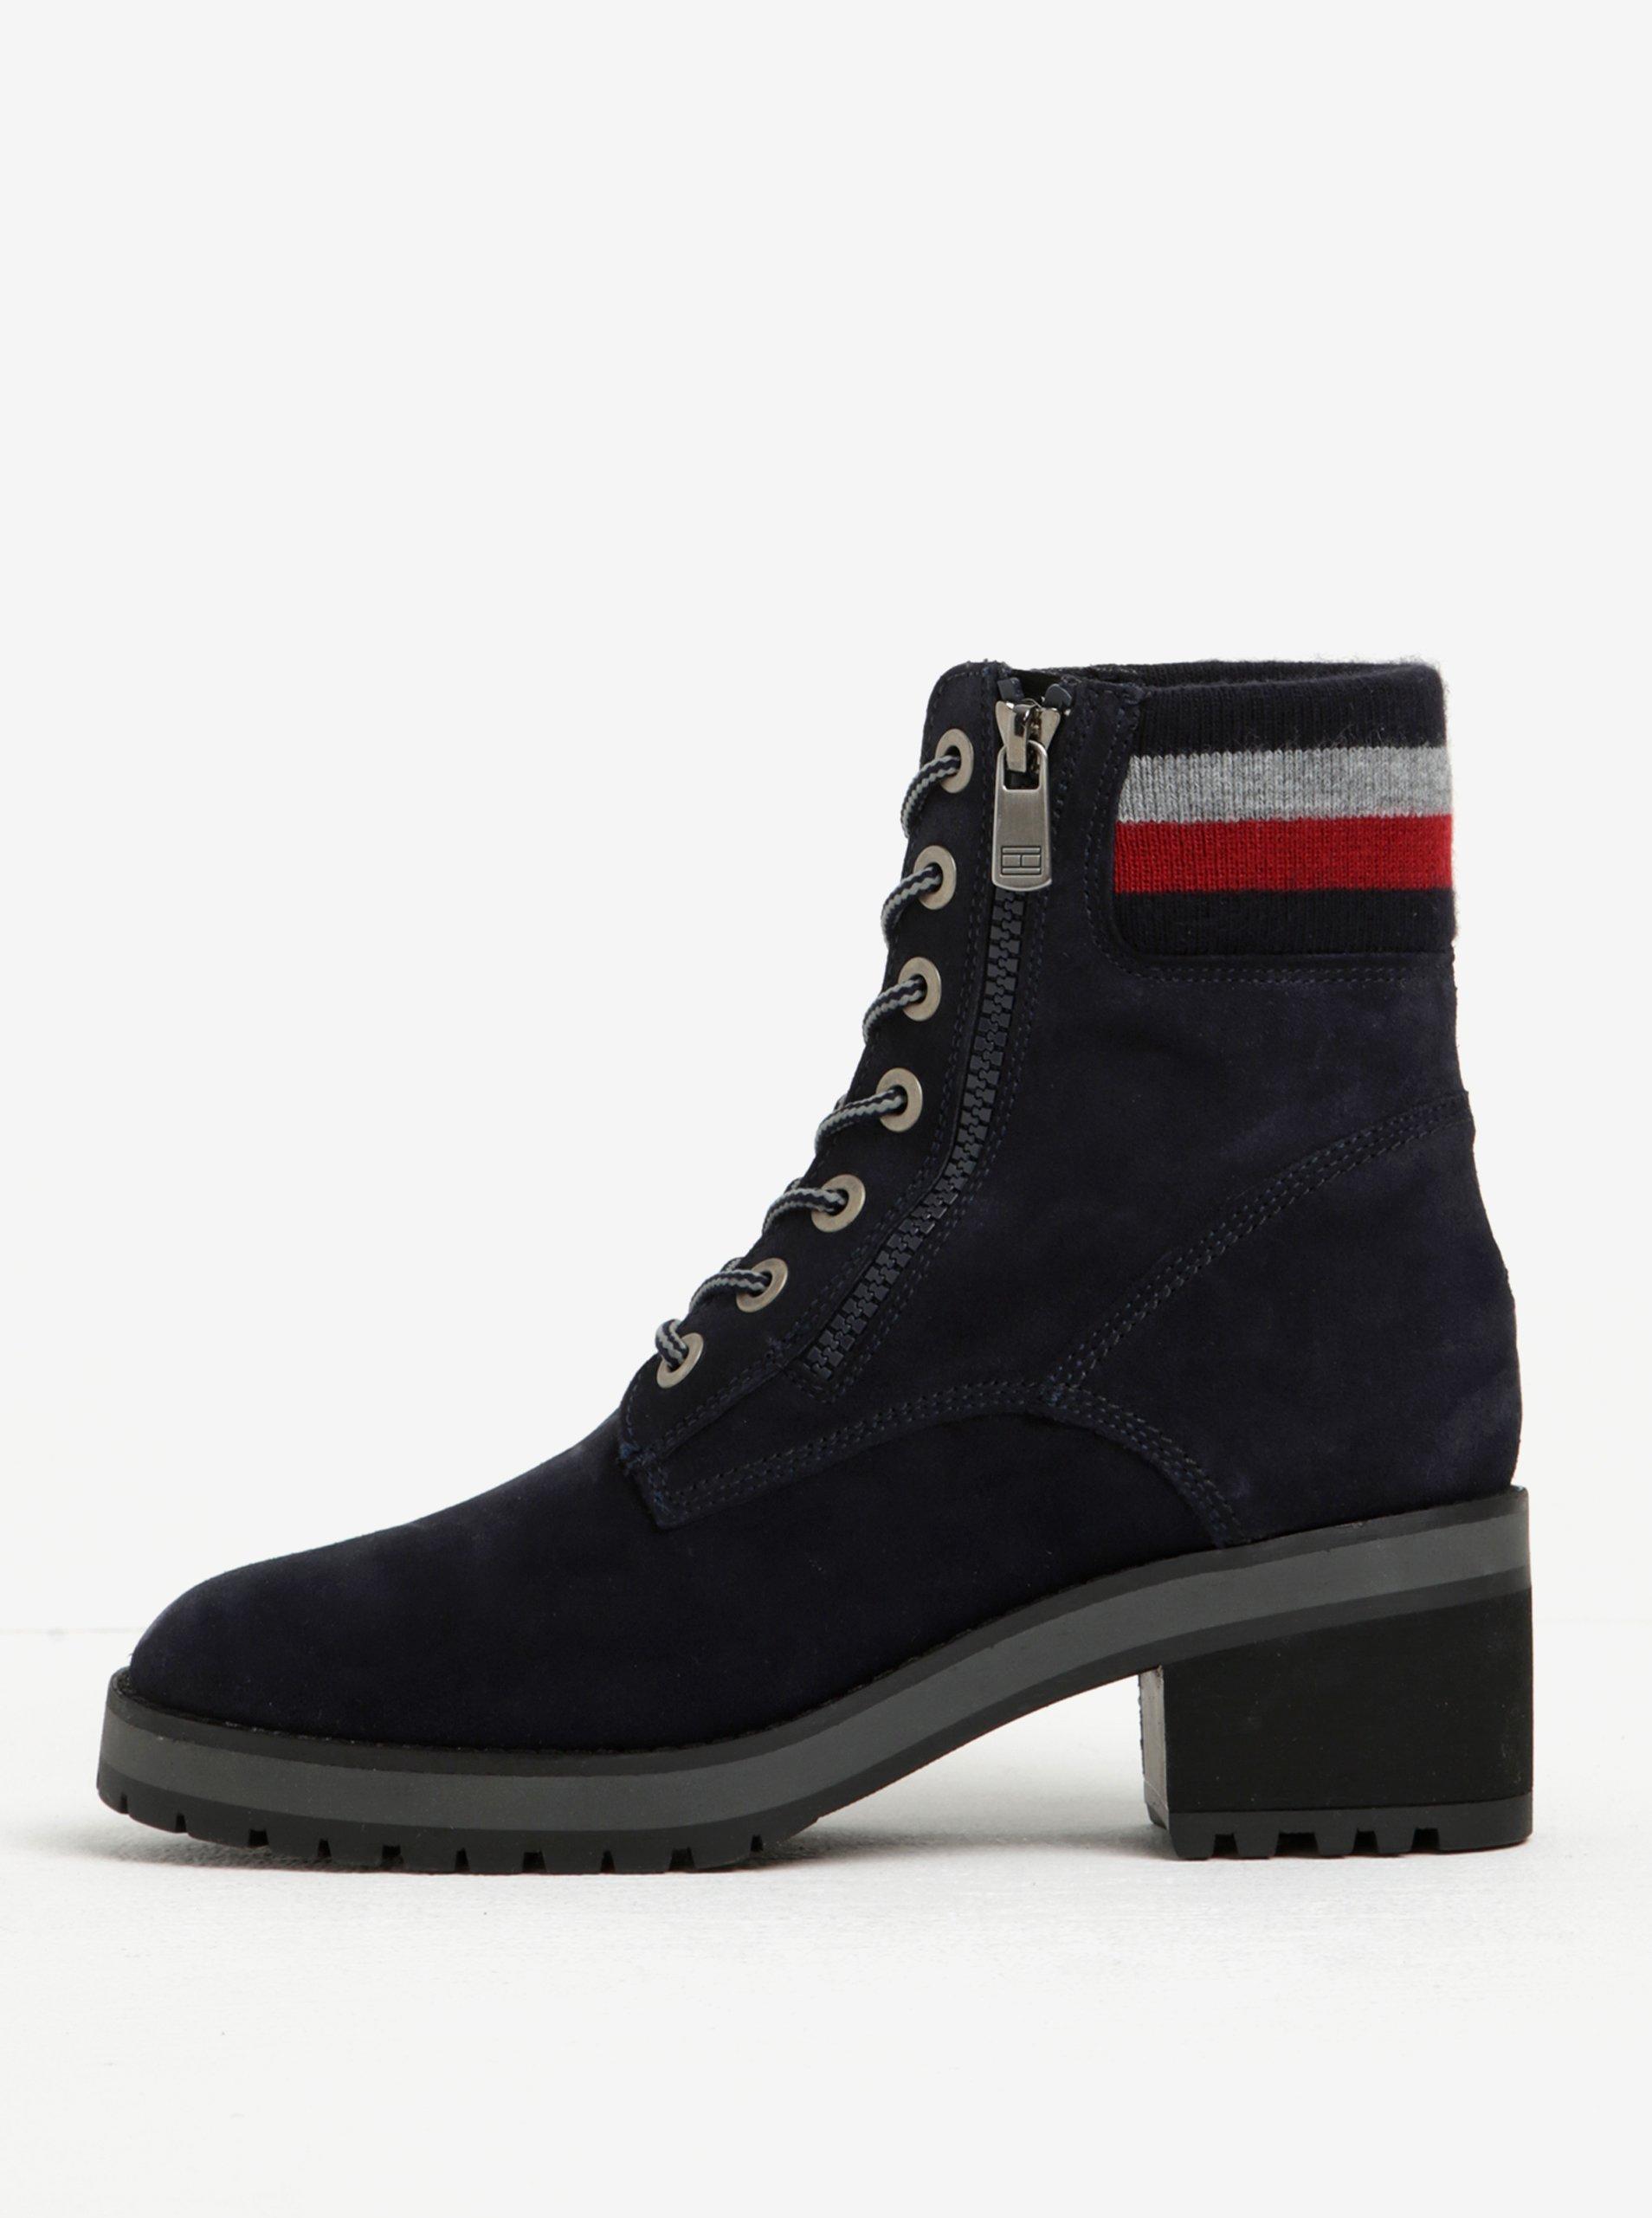 Tmavě modré dámské semišové kotníkové boty s pruhy Tommy Hilfiger Alicia